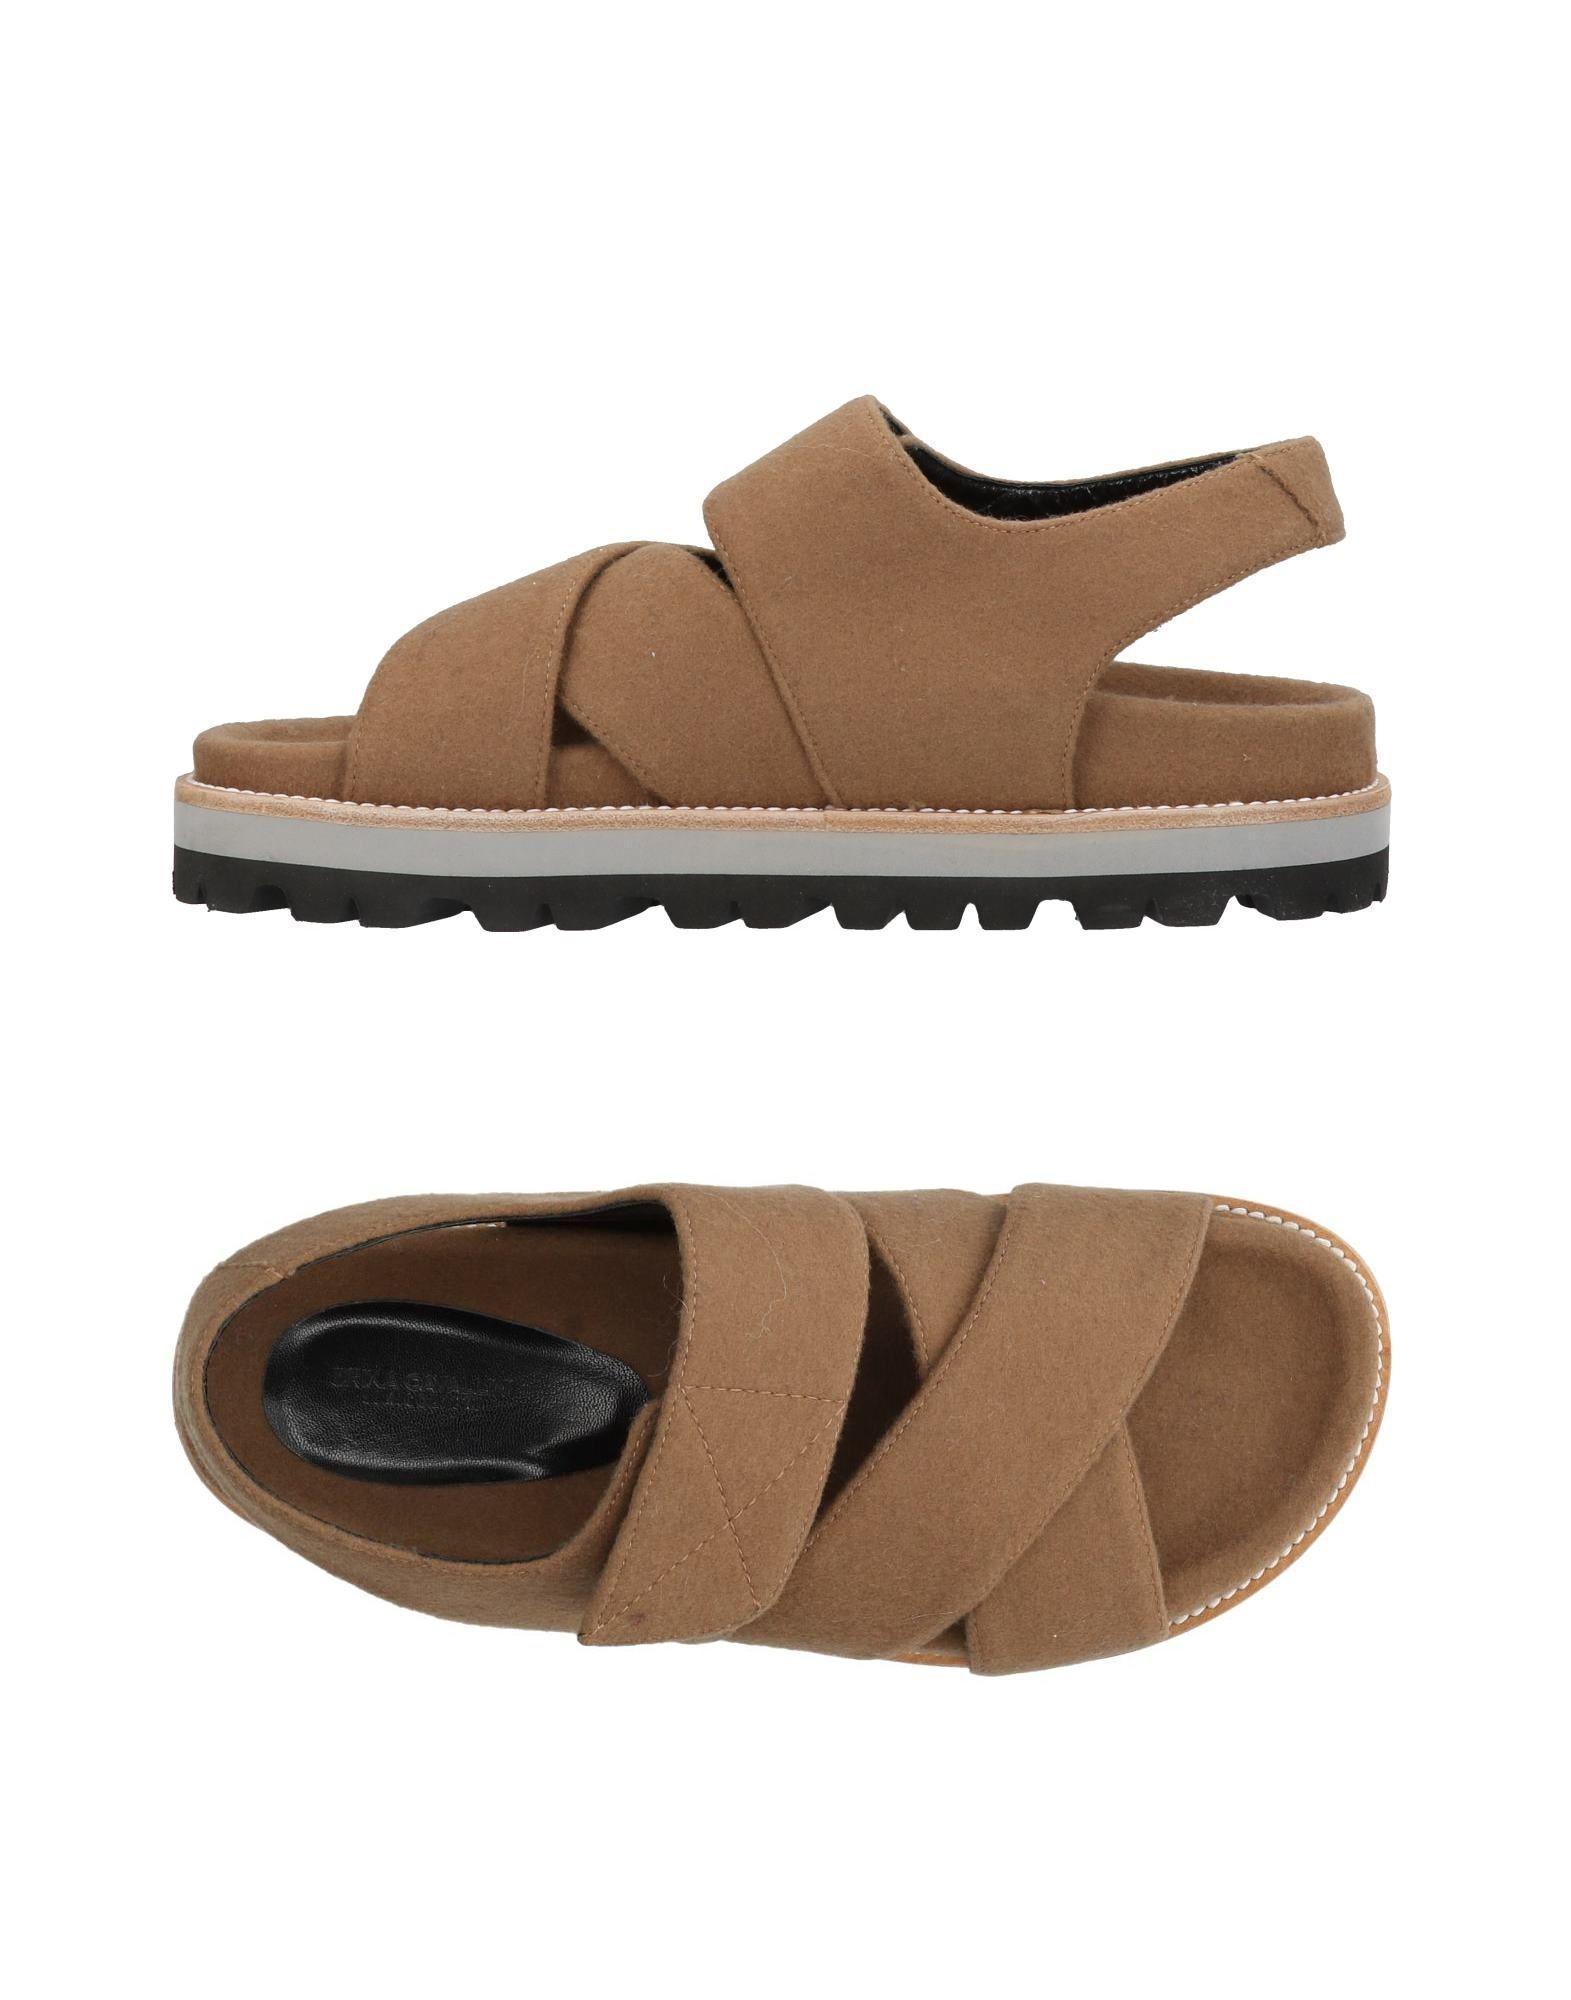 FOOTWEAR - Sandals Semicouture tqCnr5